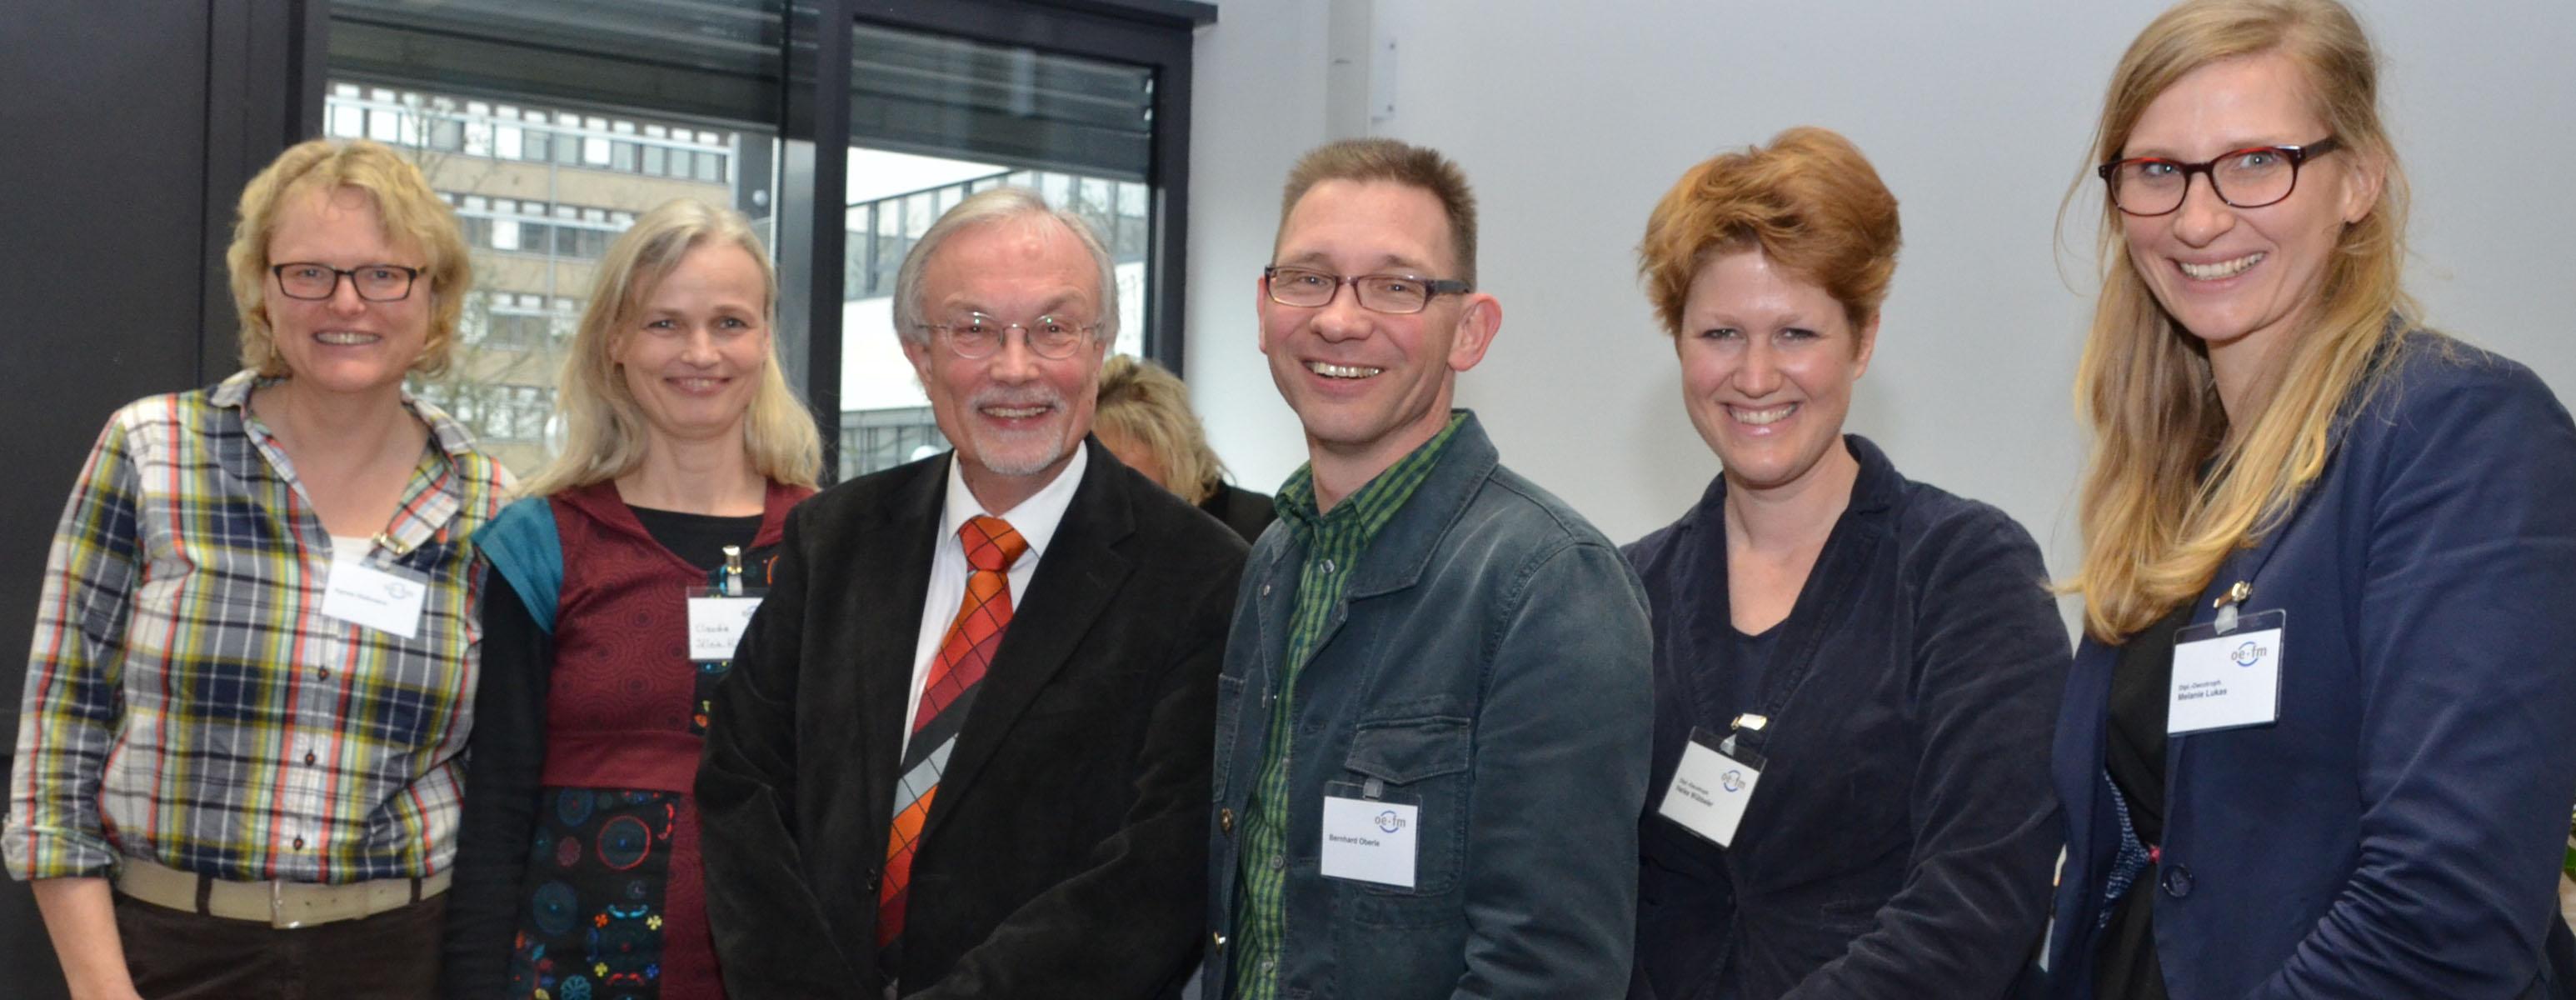 Prof. Dr. Jan Jarre mit ehemaligen Absolventen